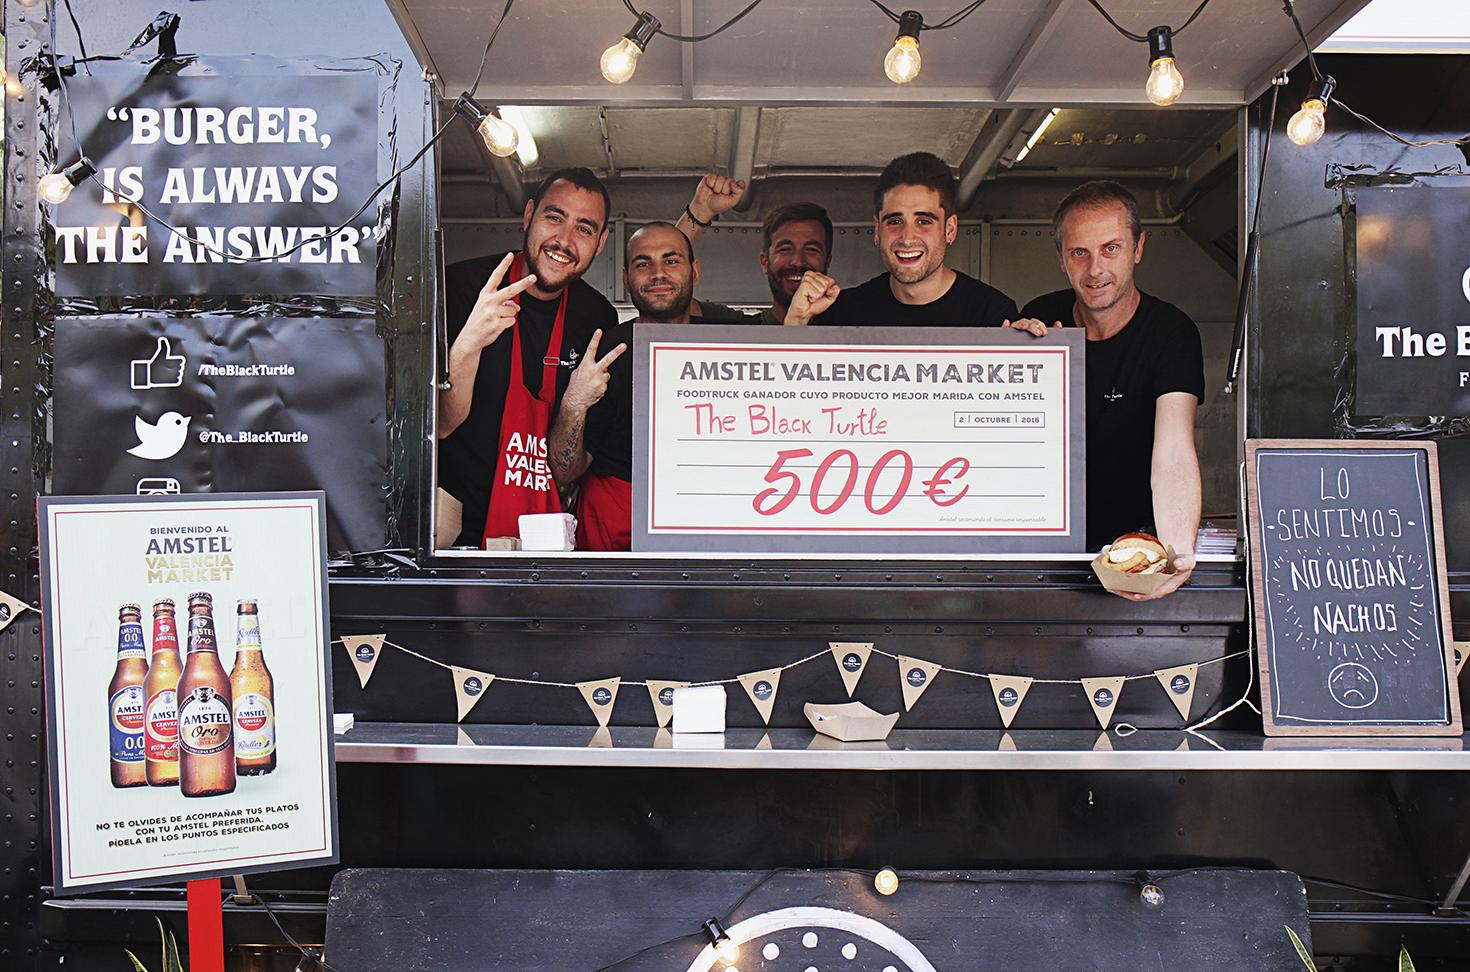 La Food Truck valenciana The Black Turtle, Premio al Mejor Maridaje con Cerveza en la competición celebrada en el AMSTEL VALENCIA MARKET